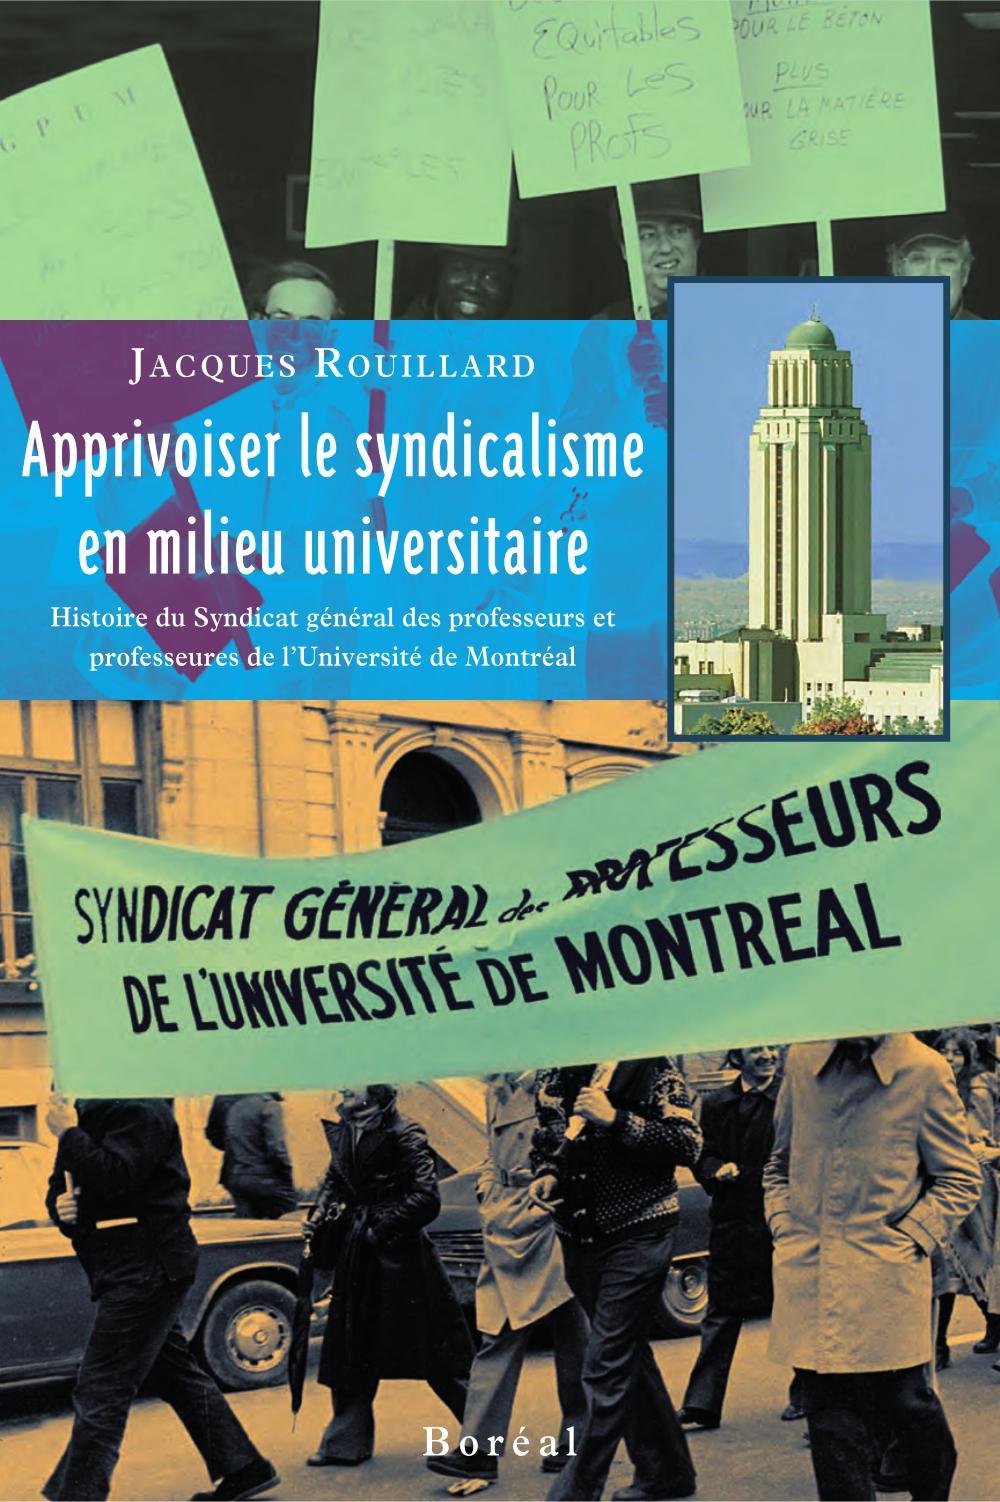 Apprivoiser le syndicalisme en milieu universitaire